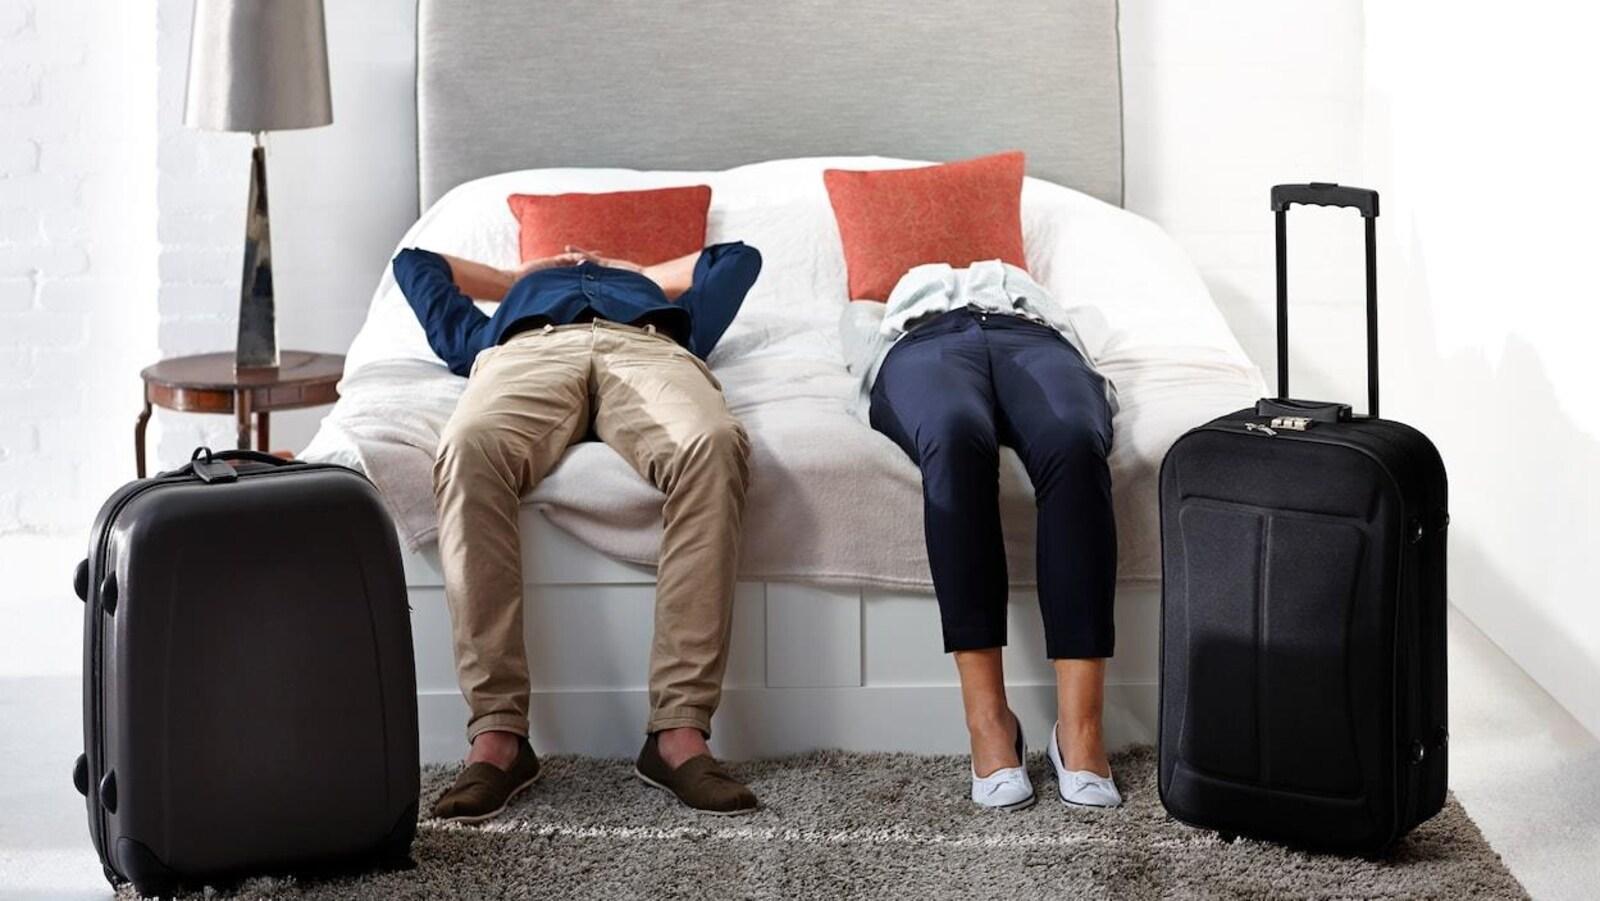 Les clients d'un hôtel étendus sur le lit de leur chambre.